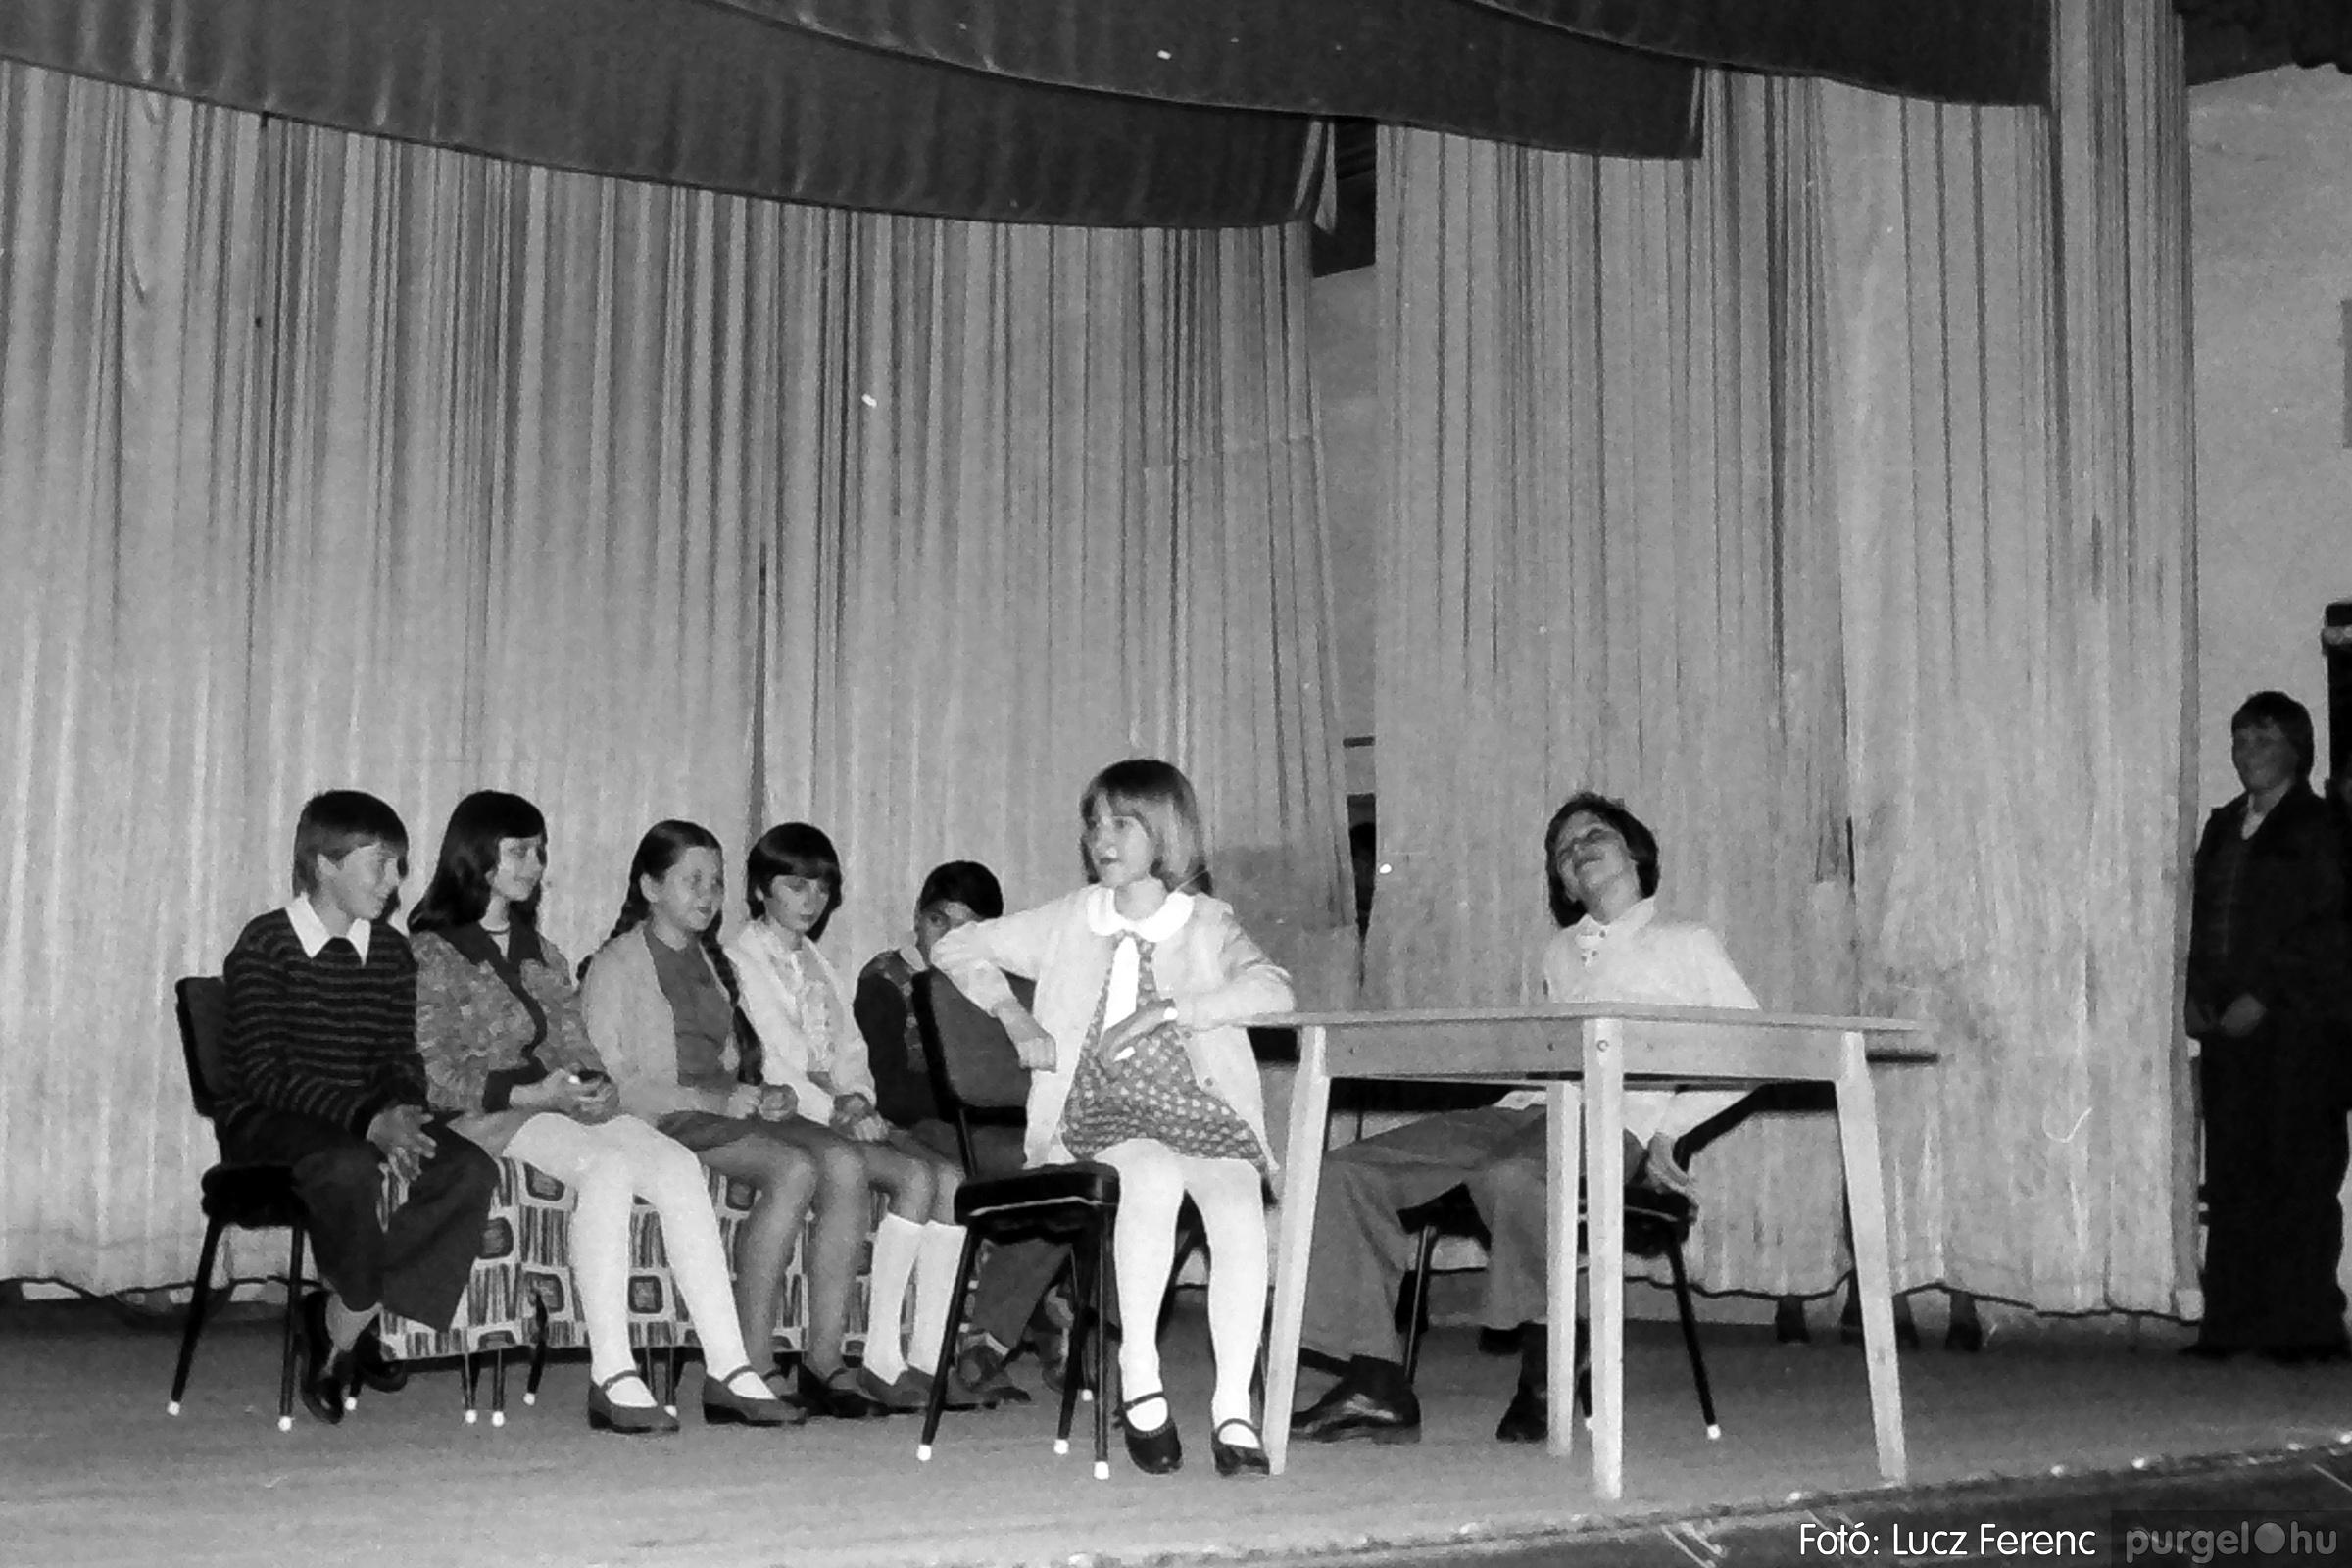 077. 1977. Iskolások fellépése a kultúrházban 028. - Fotó: Lucz Ferenc.jpg